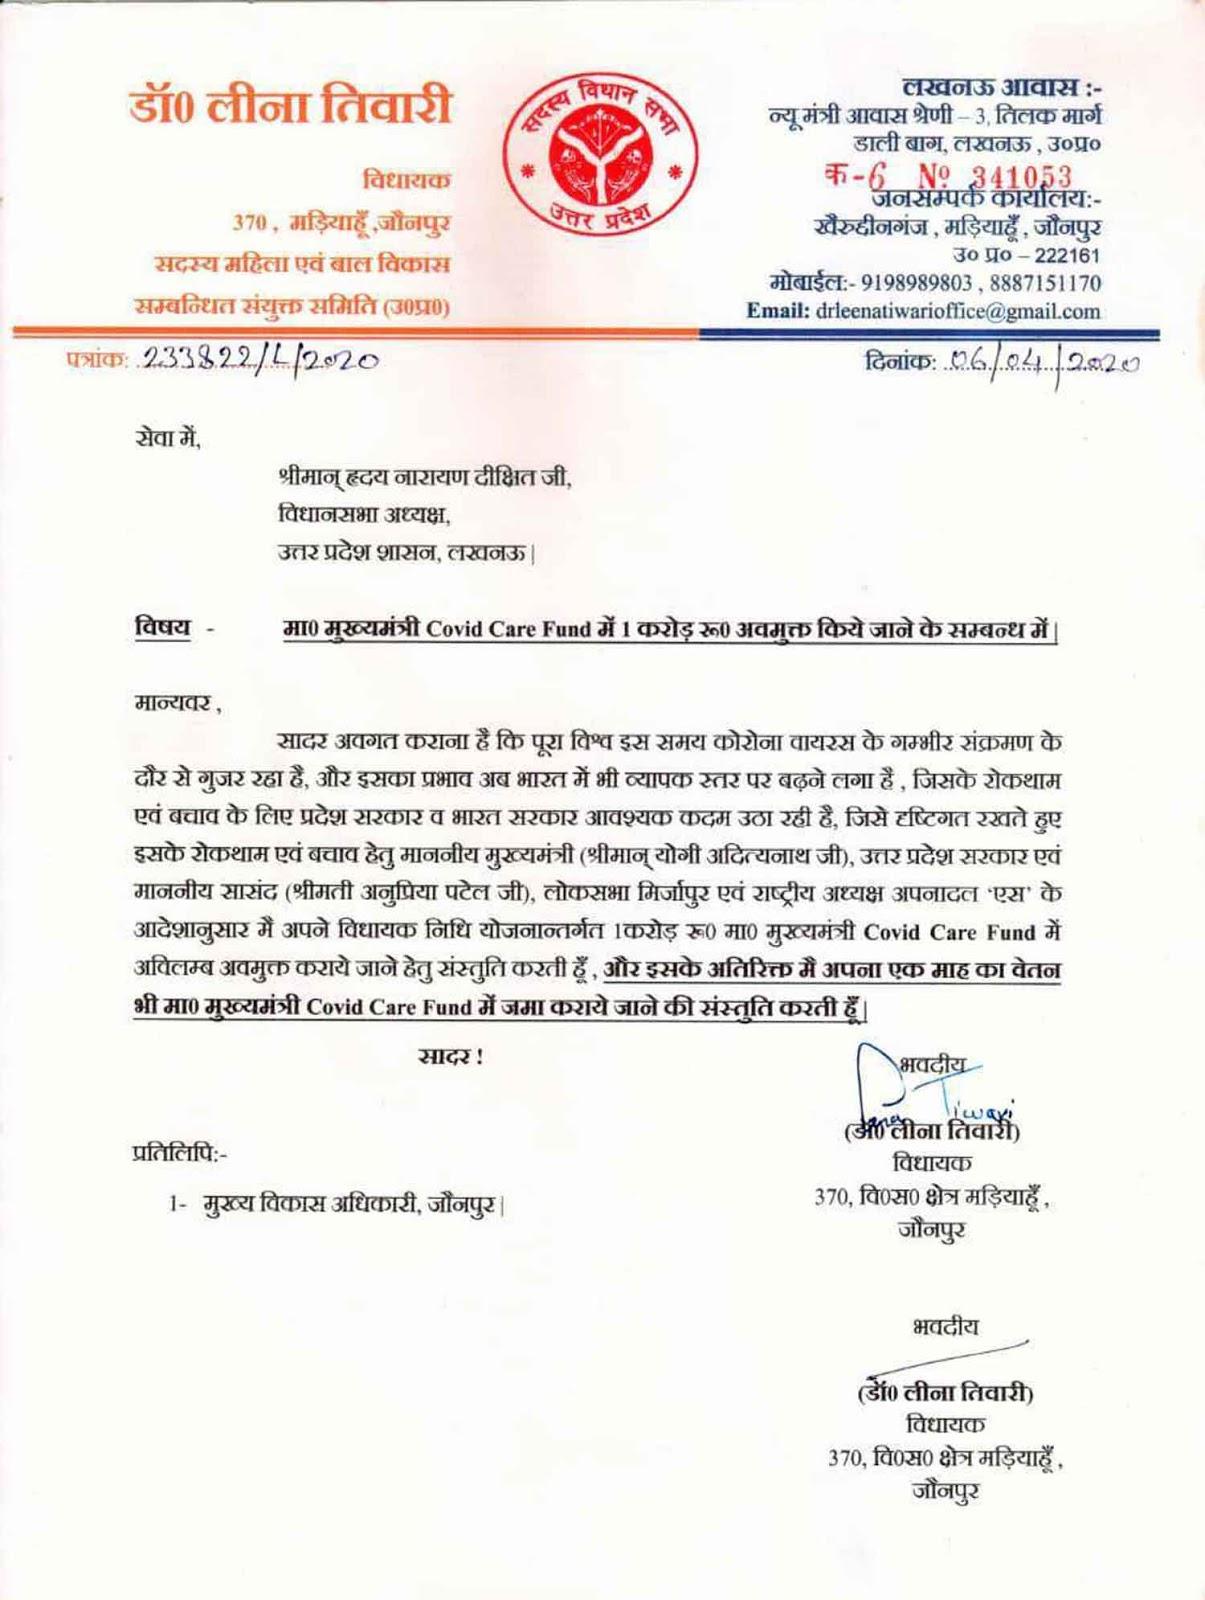 जौनपुर। मड़ियाहूं विधानसभा क्षेत्र से विधायक डॉ. लीना तिवारी ने कोरोनावायरस के संक्रमण को रोकने तथा जनता की मदद के लिए एक करोड़ रुपये की धनराशि जारी की हैं। इससे पूर्व विधायक ने मास्क, सैनिटाइजर के वितरण के लिए 11 लाख रुपये दिए थे। अपने विधायक निधि मद के एक करोड़ रुपए और अपने एक महीने का वेतन 'उत्तर प्रदेश कोविड केयर फंड' में दिया है। विधायक ने कहा कि इस आपदाकाल में मैं लोगों की हर सम्भव मदद के लिए तत्पर रहूंगी। उन्होंने प्रधानमंत्री और मुख्यमंत्री द्वारा उठाए कदम कर तारीफ की। साथ ही यह भी कहा कि हम सभी को कोरोना को हराने के लिए सोशल डिस्टेंसिंग रखने की जरूरत है। सरकार, पुलिस और मेडिकल स्टाफ इसमें लगे हुए हैं। हमें उनकी मेहनत और जज्बे की कद्र करनी चाहिए और घर पर ही रहना चाहिए। मौजूदा वक्त में पूरे देश के लिए कोरोना महामारी एक चैलेंज है और हम सब देशवासी मिलकर इससे लड़ेंगे और जीतेंगे। covid-19,covid 19,covid19,covid-19 vaccine,coronavirus explained,coronavirus uk,coronavirus what is it,coronavirus china 2020,coronavirus outbreak,new china virus,coronavirus britain,china virus wuhan,coronavirus timeline,quarantine,who,coronavirus vaccine,7news,world health organisation,coronavirus risks,australia,news